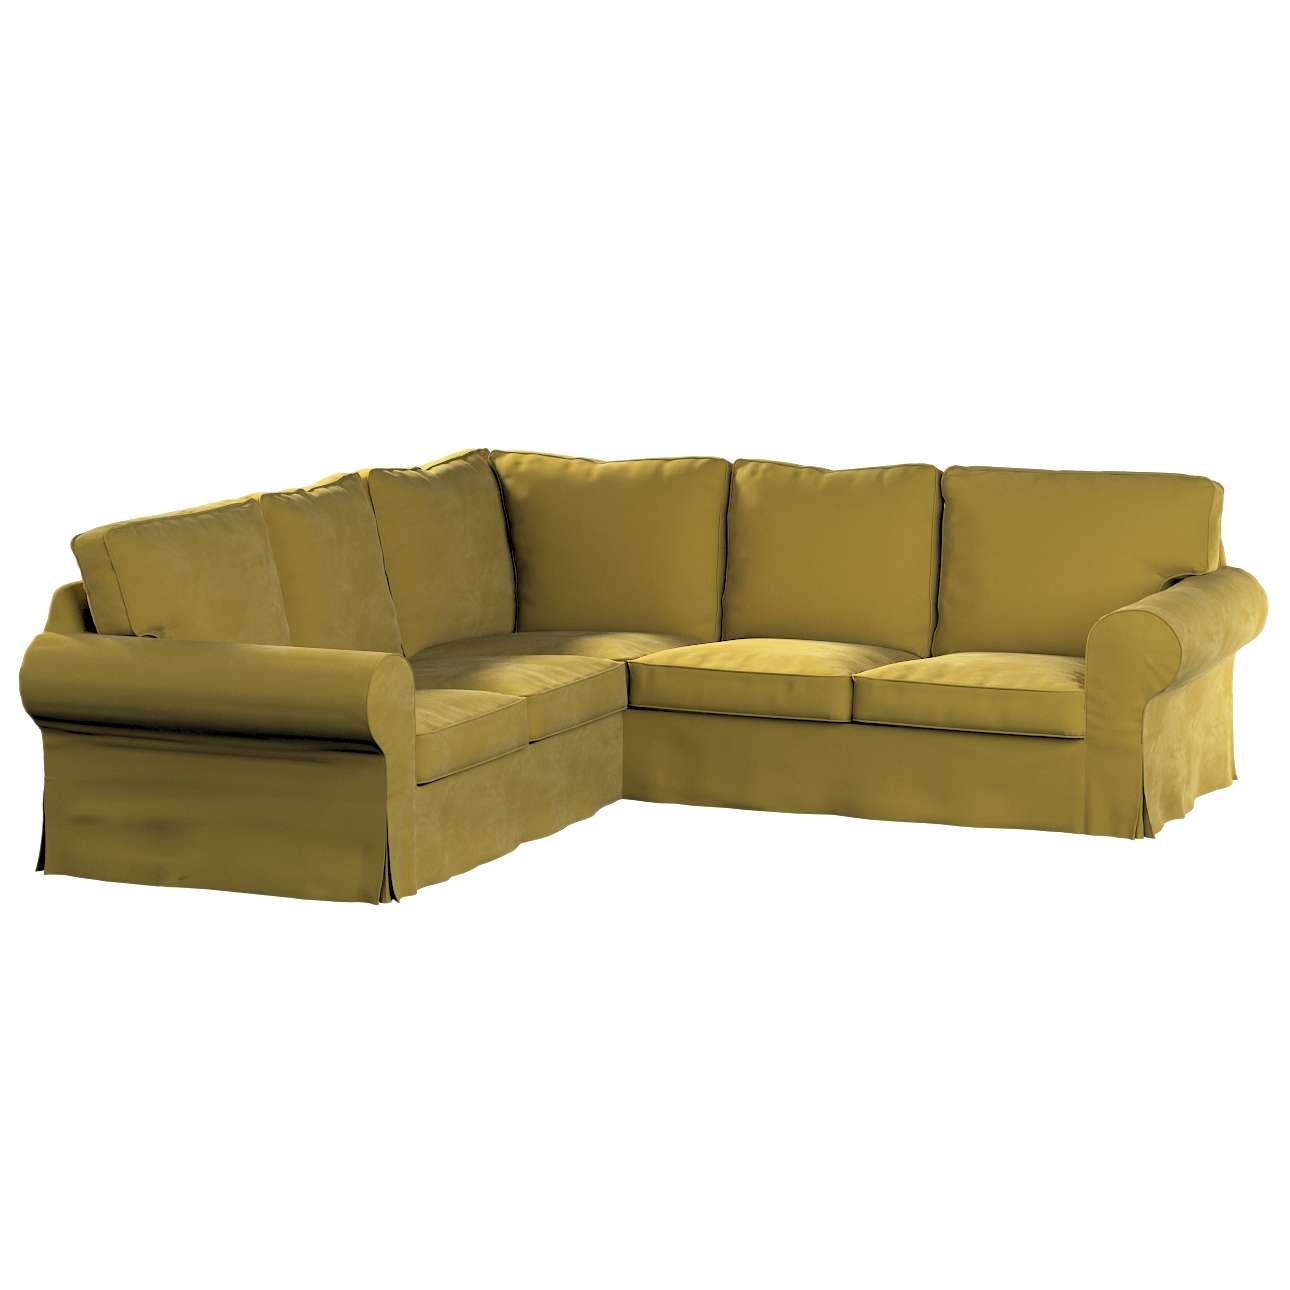 Pokrowiec Ektorp na sofę narożną w kolekcji Velvet, tkanina: 704-27